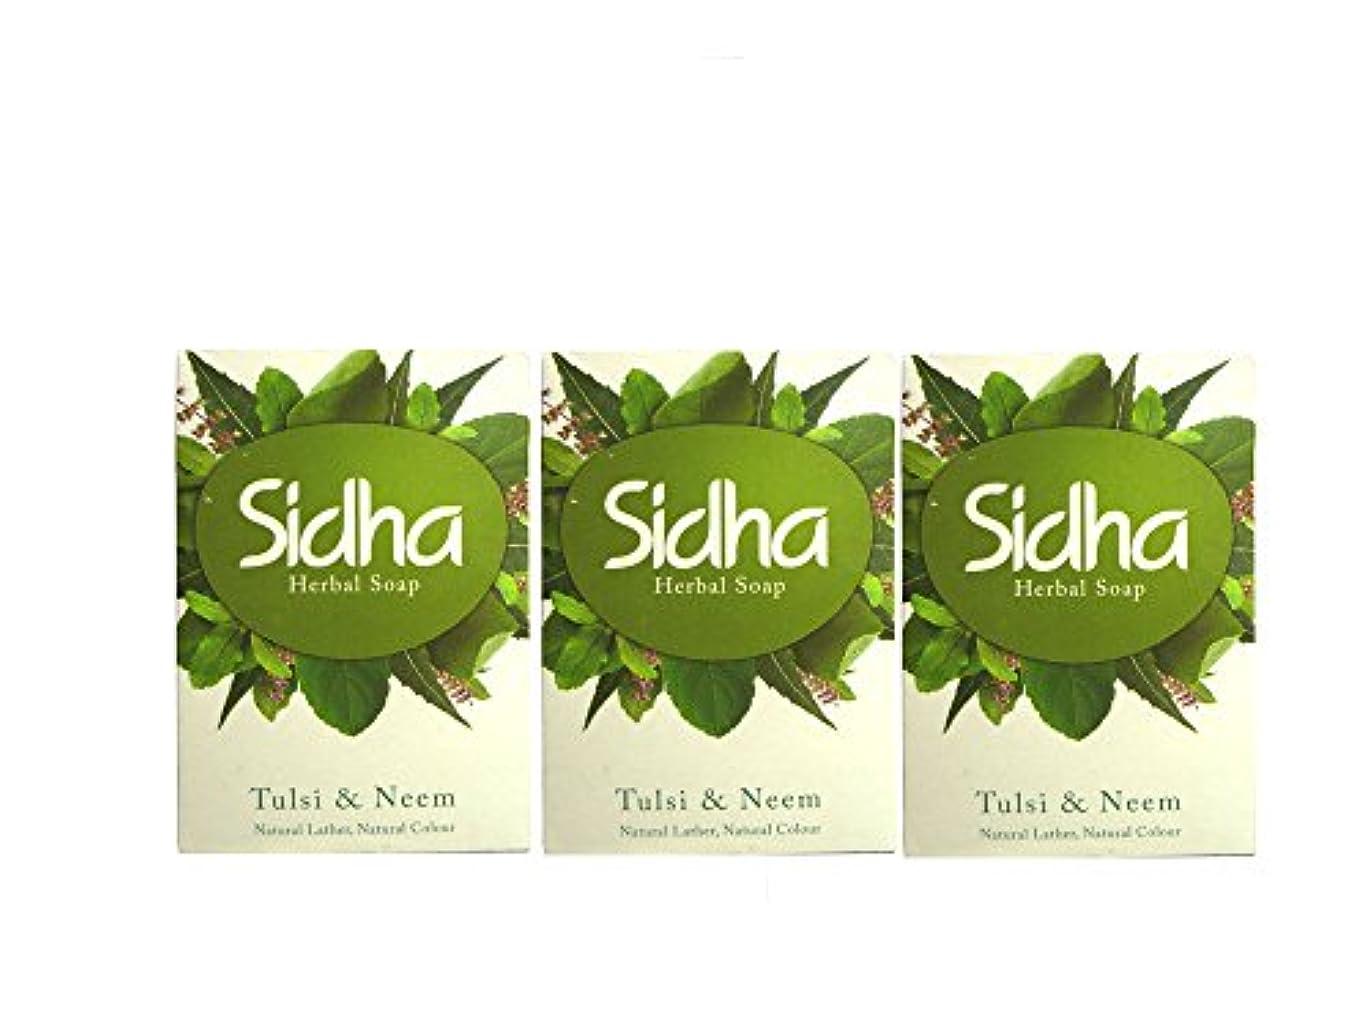 パーセント意義追加SIHDH Herbal Soap Tulsi & Neem シダー ハ-バル ソープ 75g 3個セット